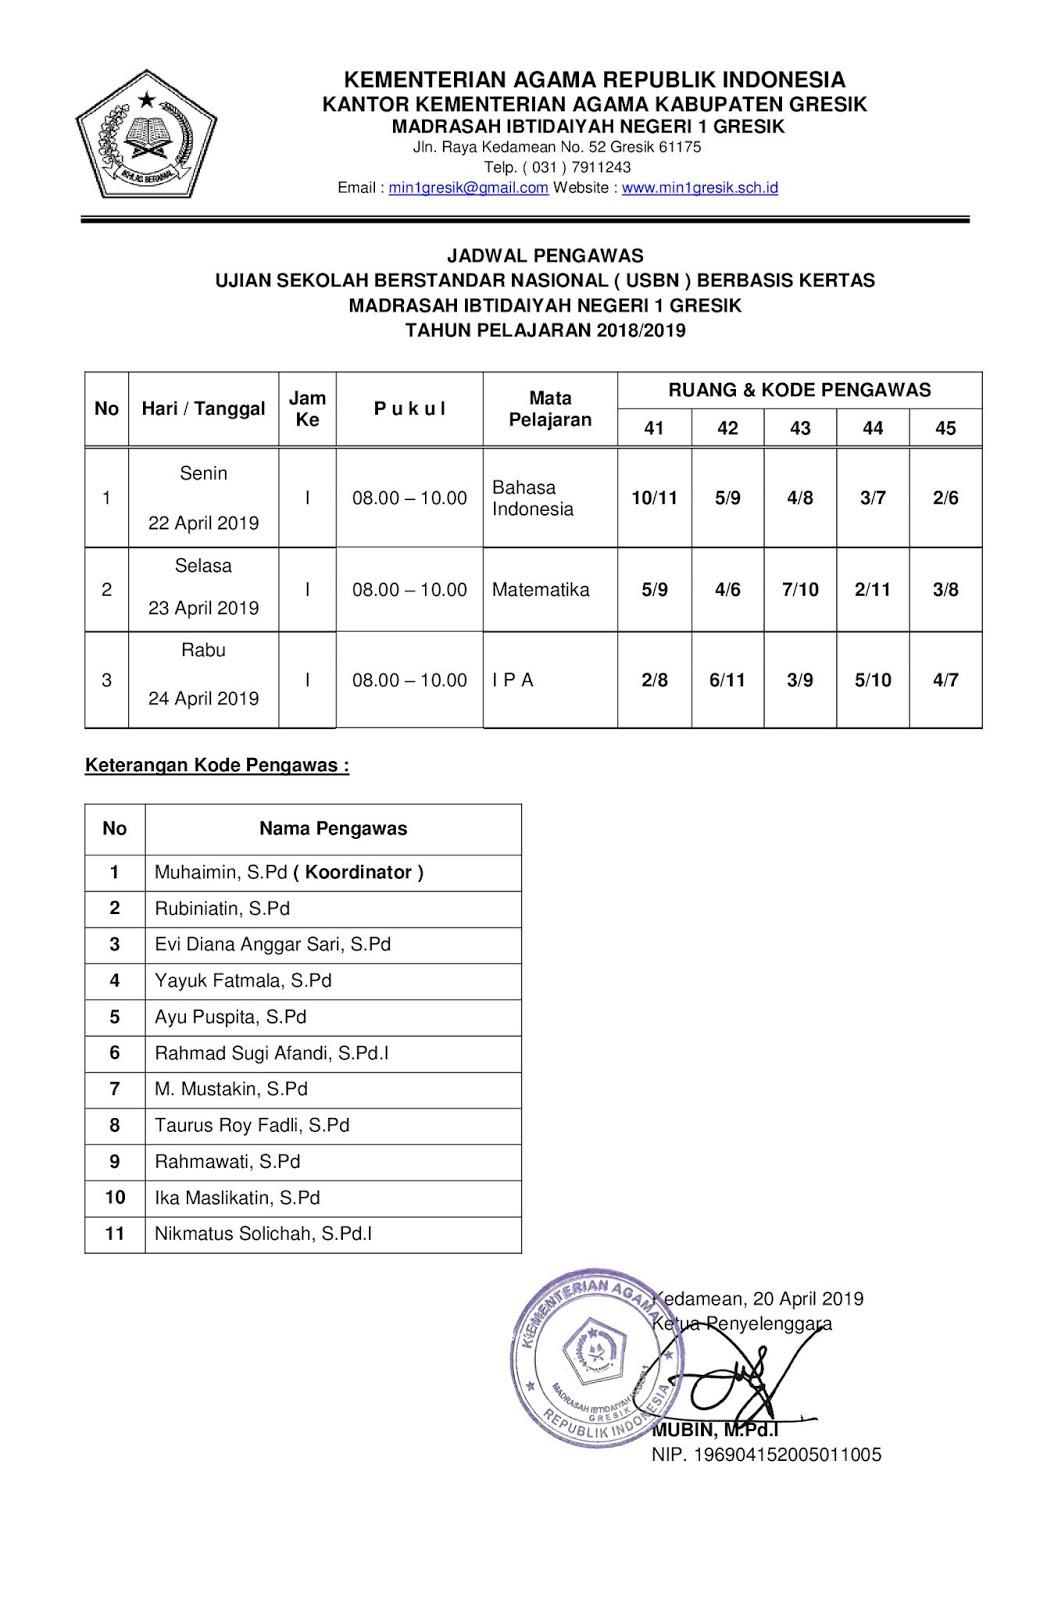 jadwal ujian sekolah berstandar nasional (usbn) tahun pelajaran 2018/2019